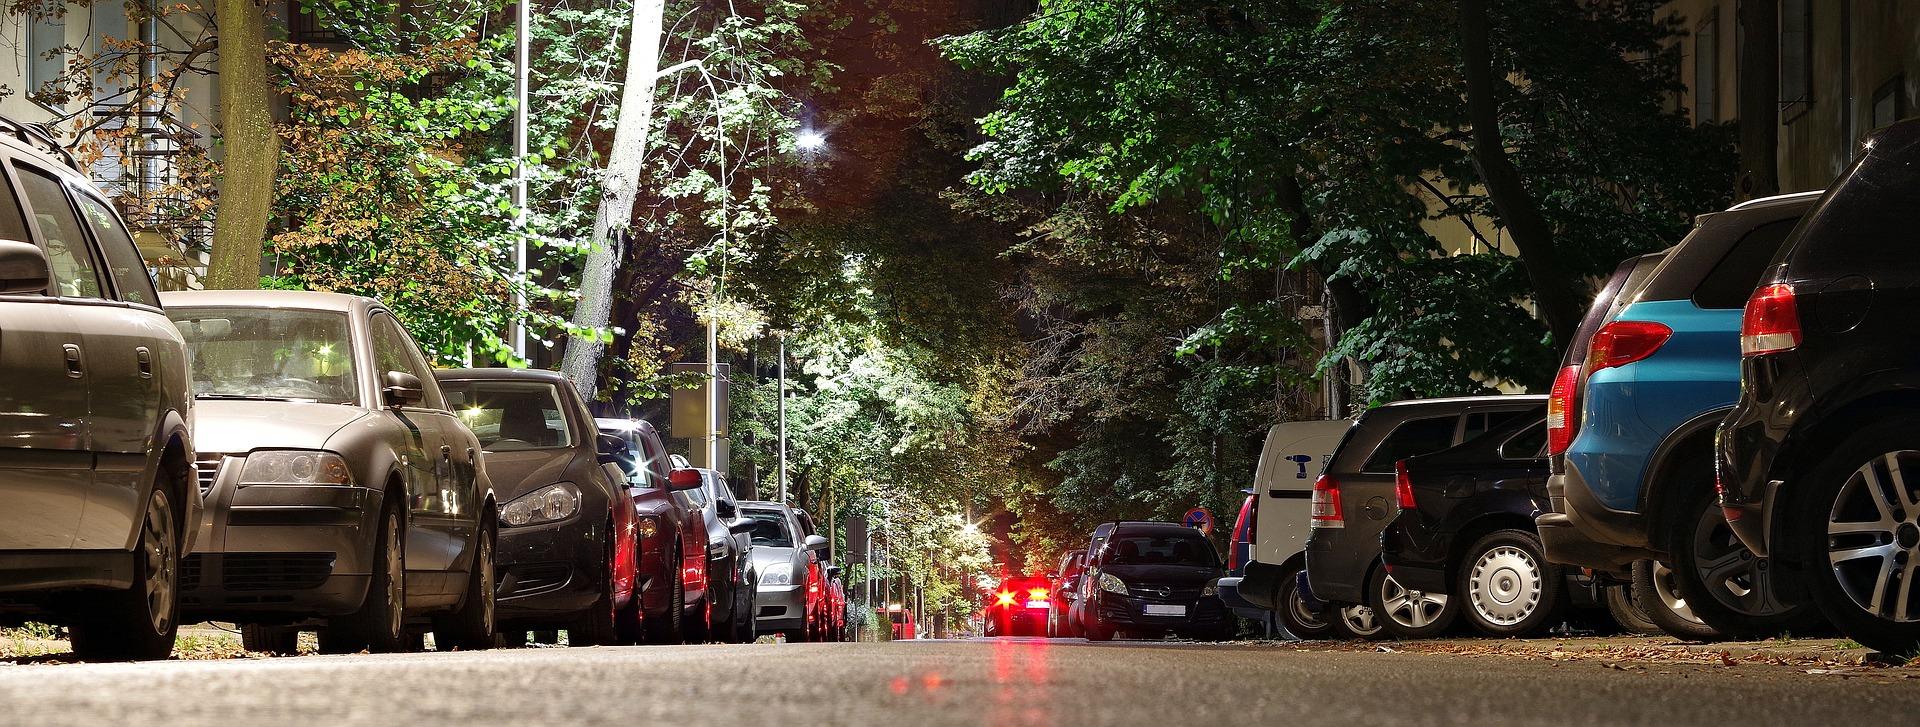 Leipzigs Problem ist nicht ein einzelner Parking Day